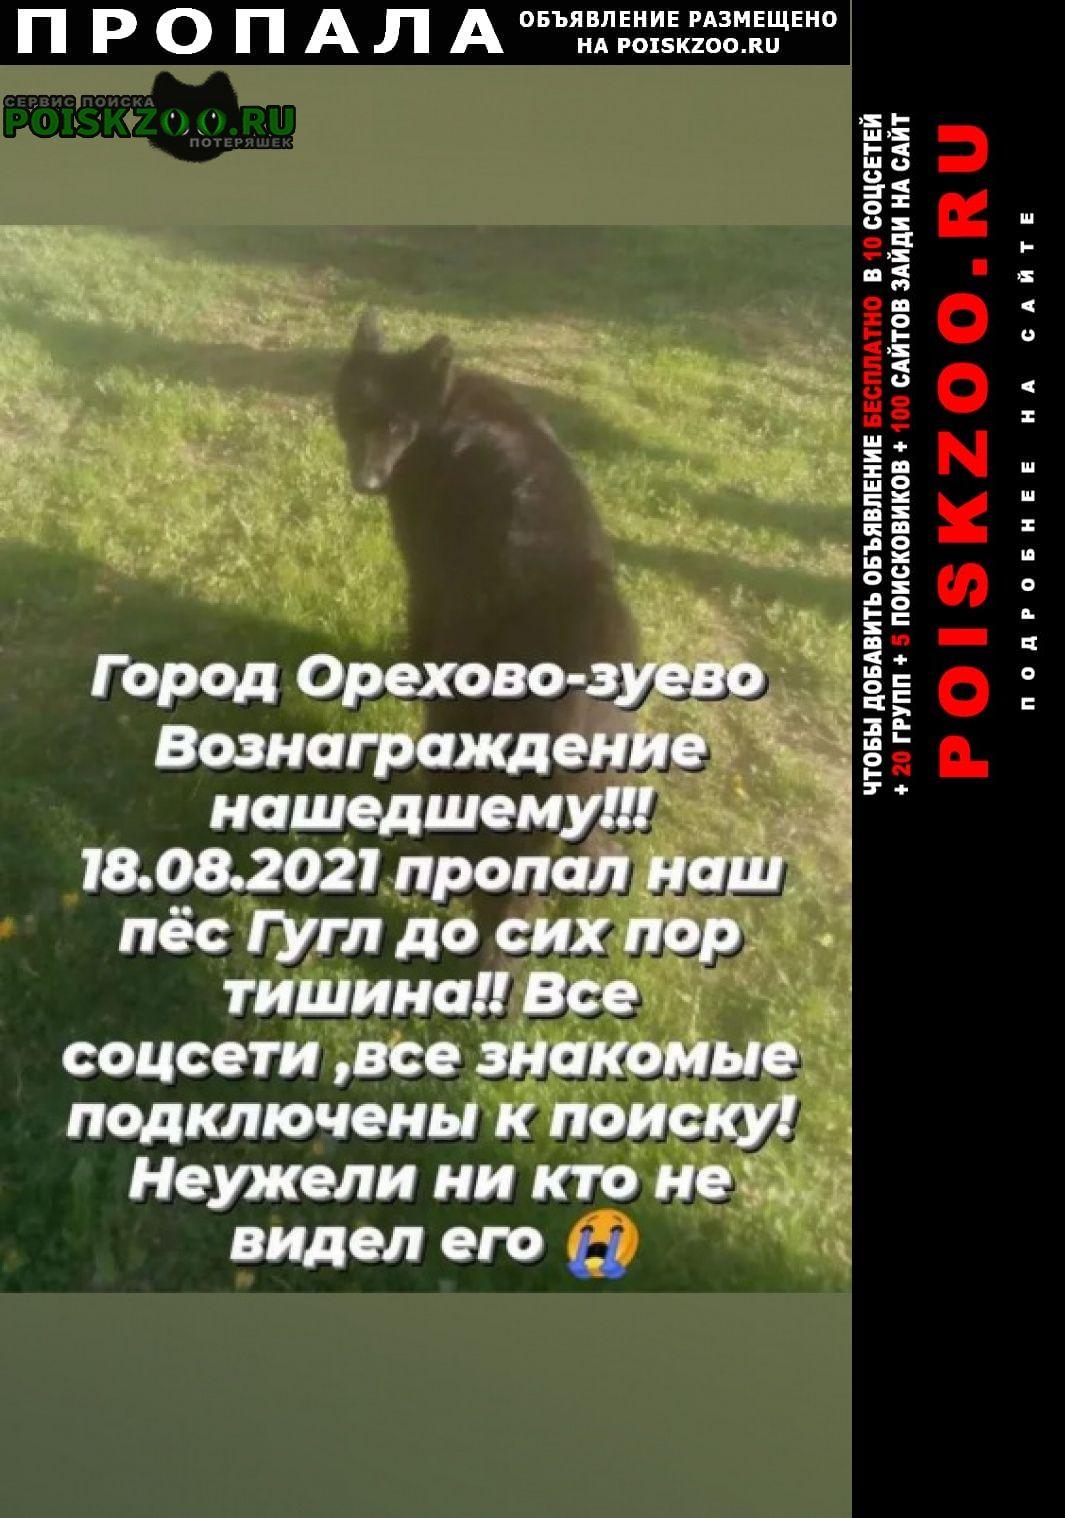 Пропала собака кобель вознаграждение гарантированно Орехово-Зуево